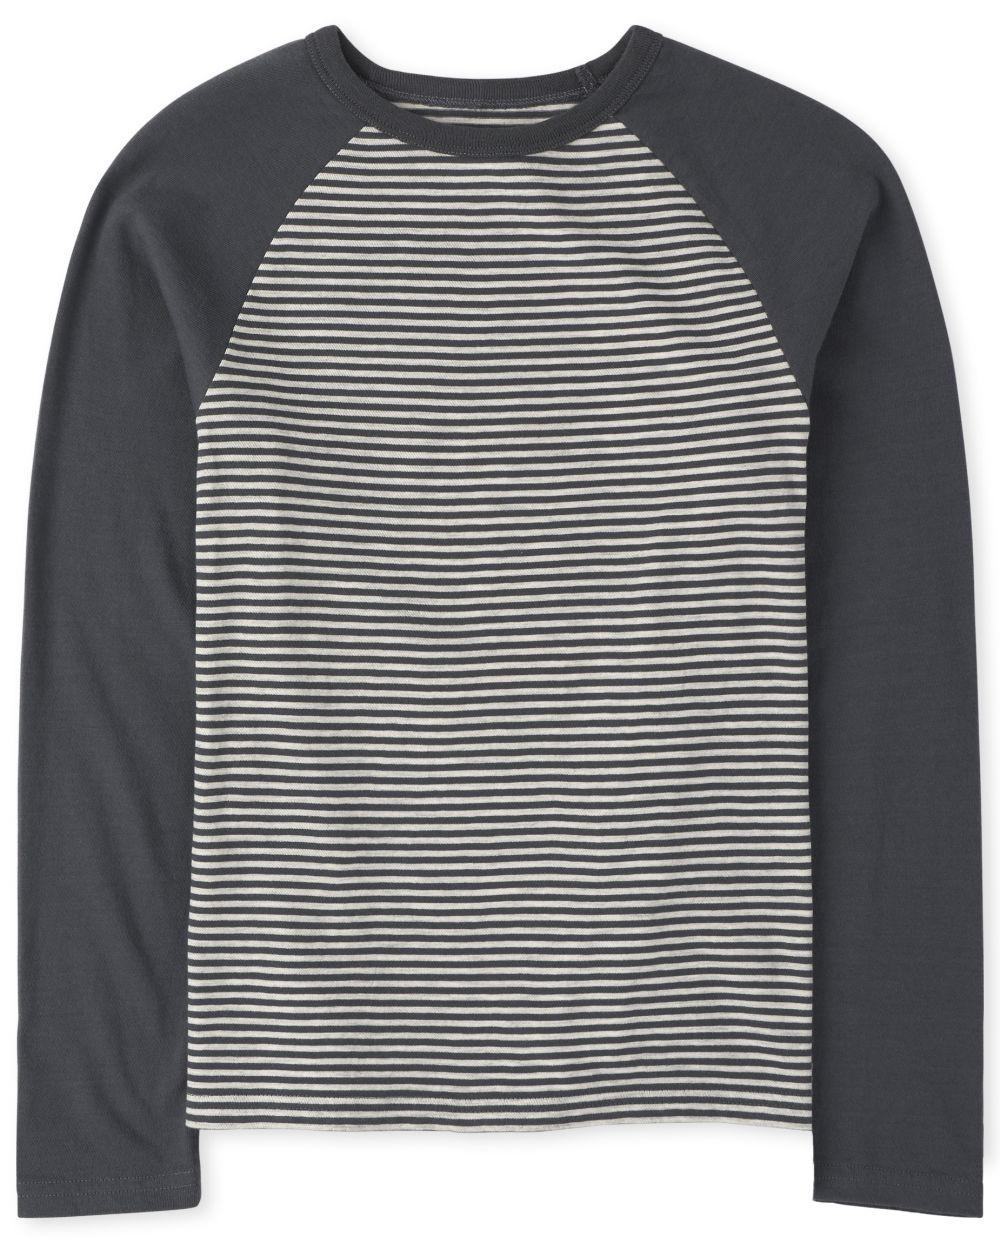 Boys Striped Raglan Top